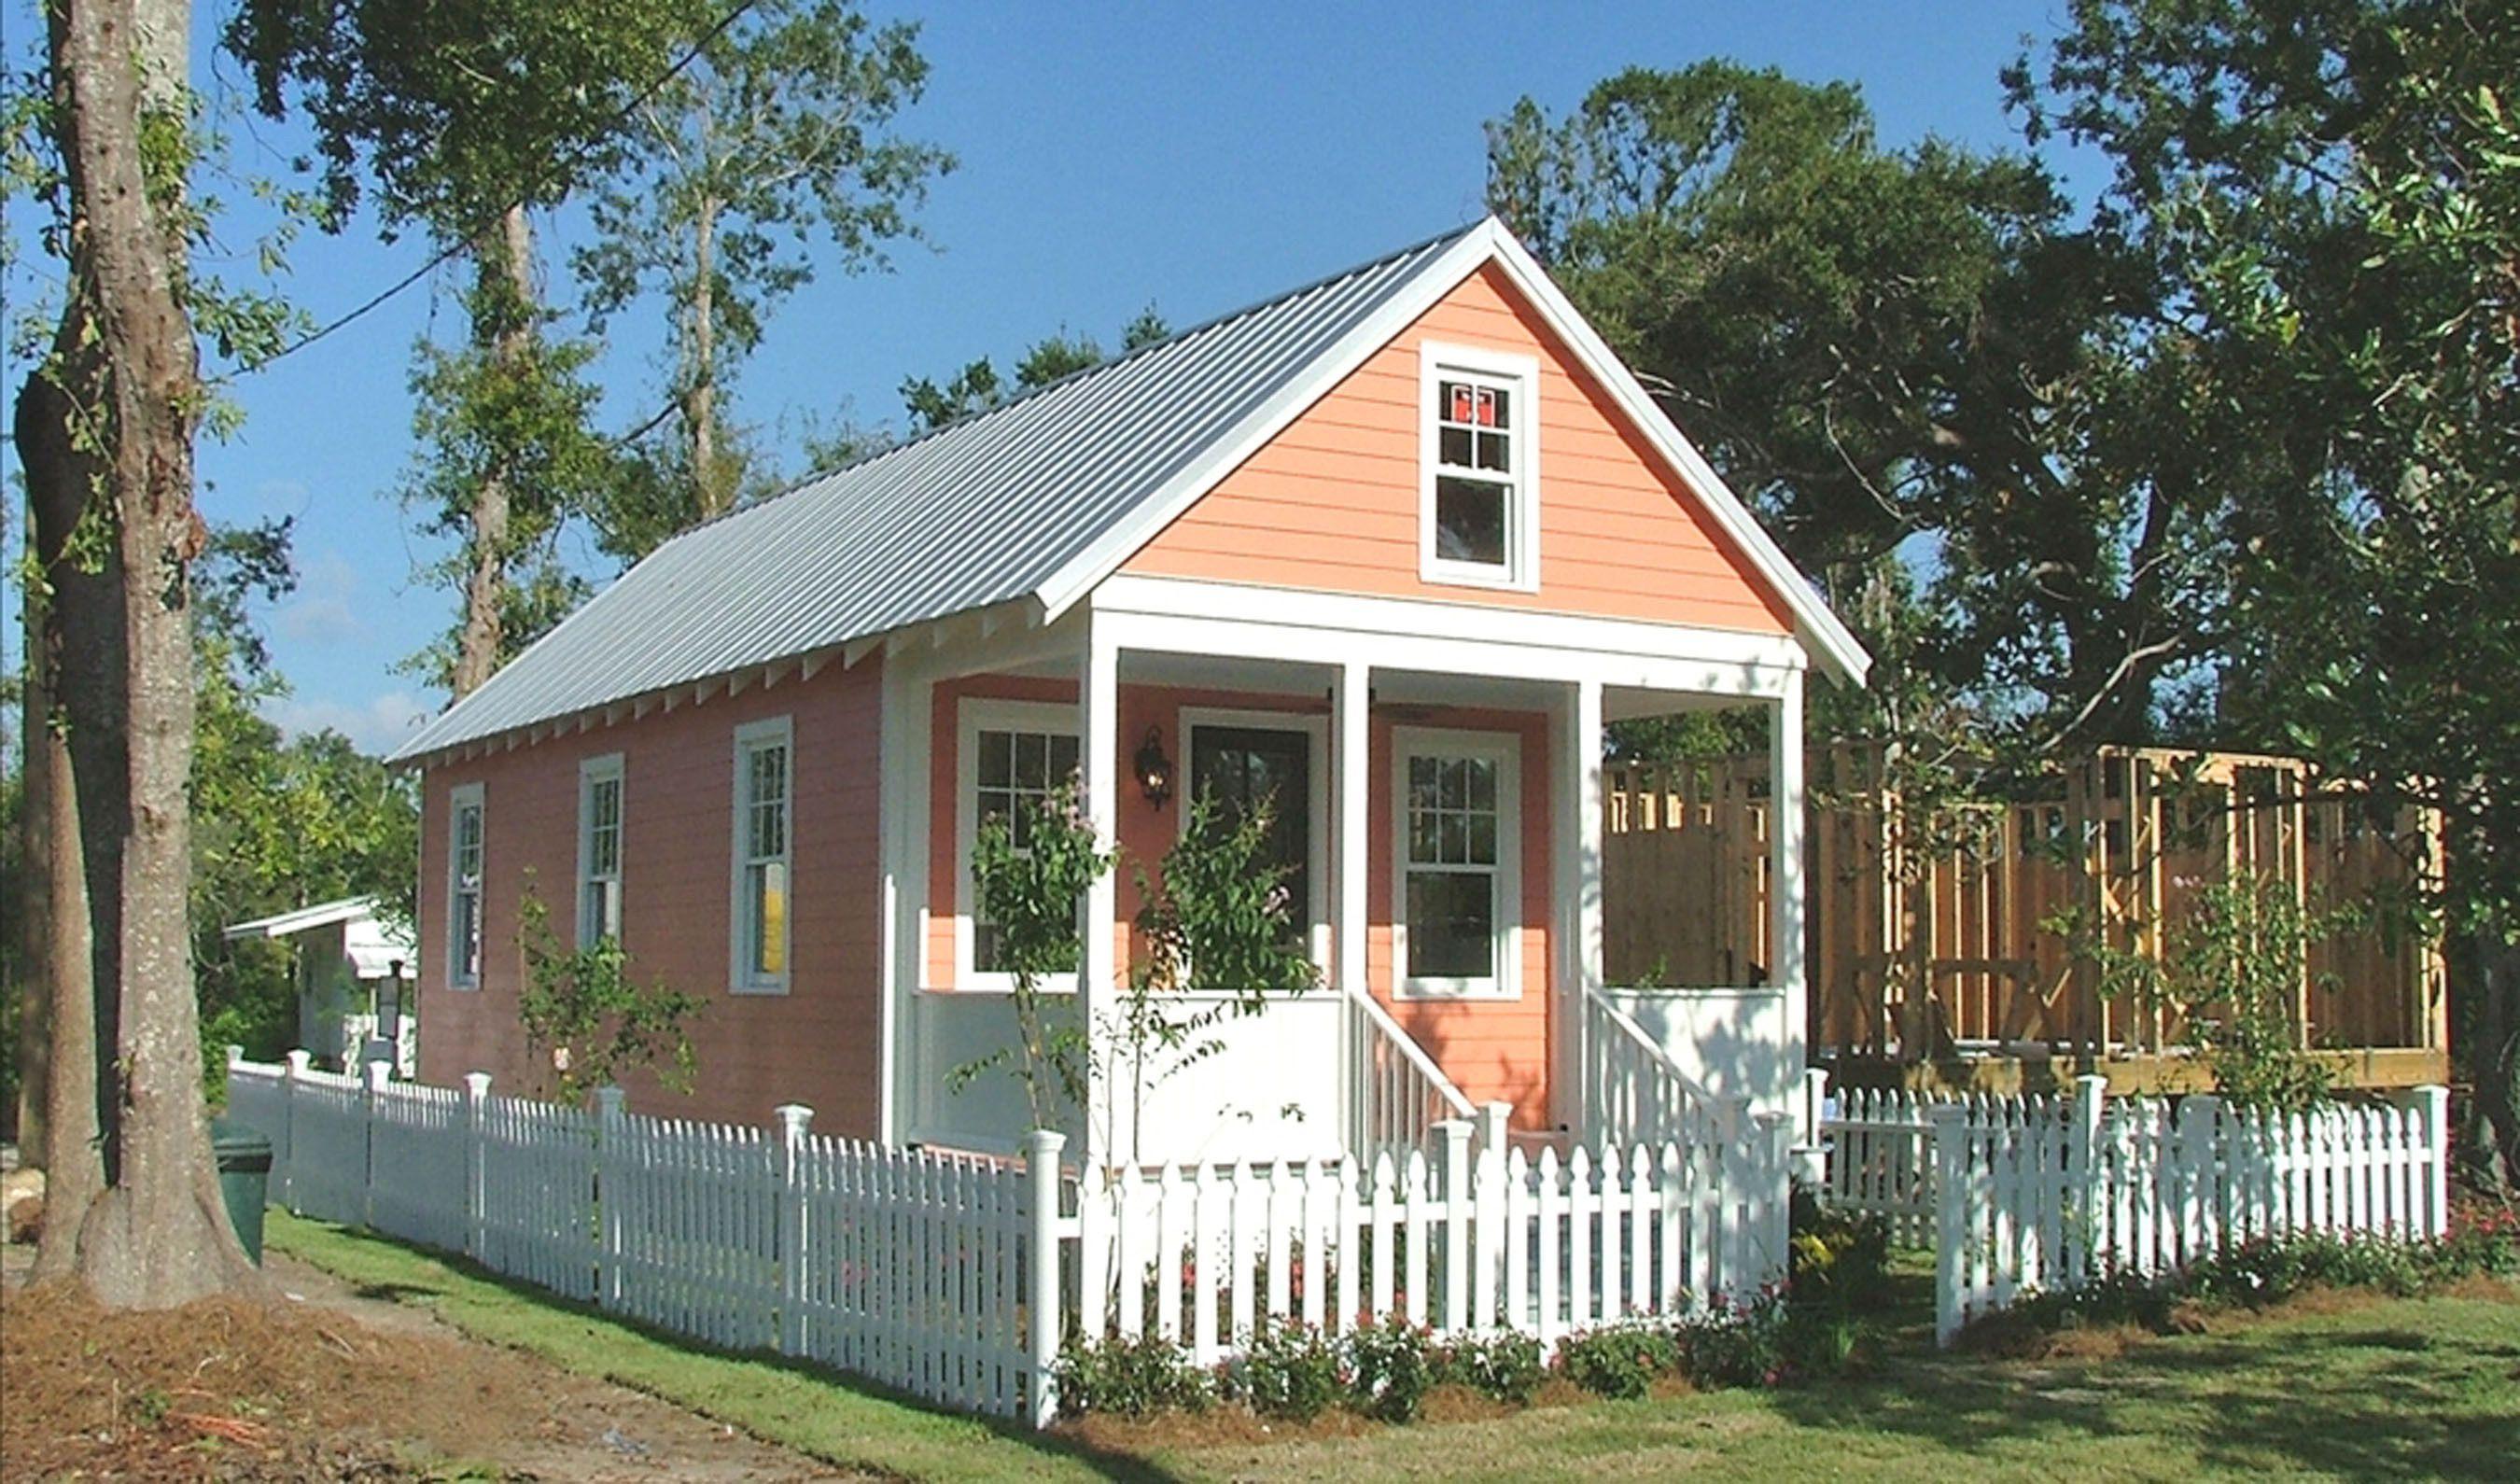 Cottage Rose Katrina, à l'origine en vente chez Lowe